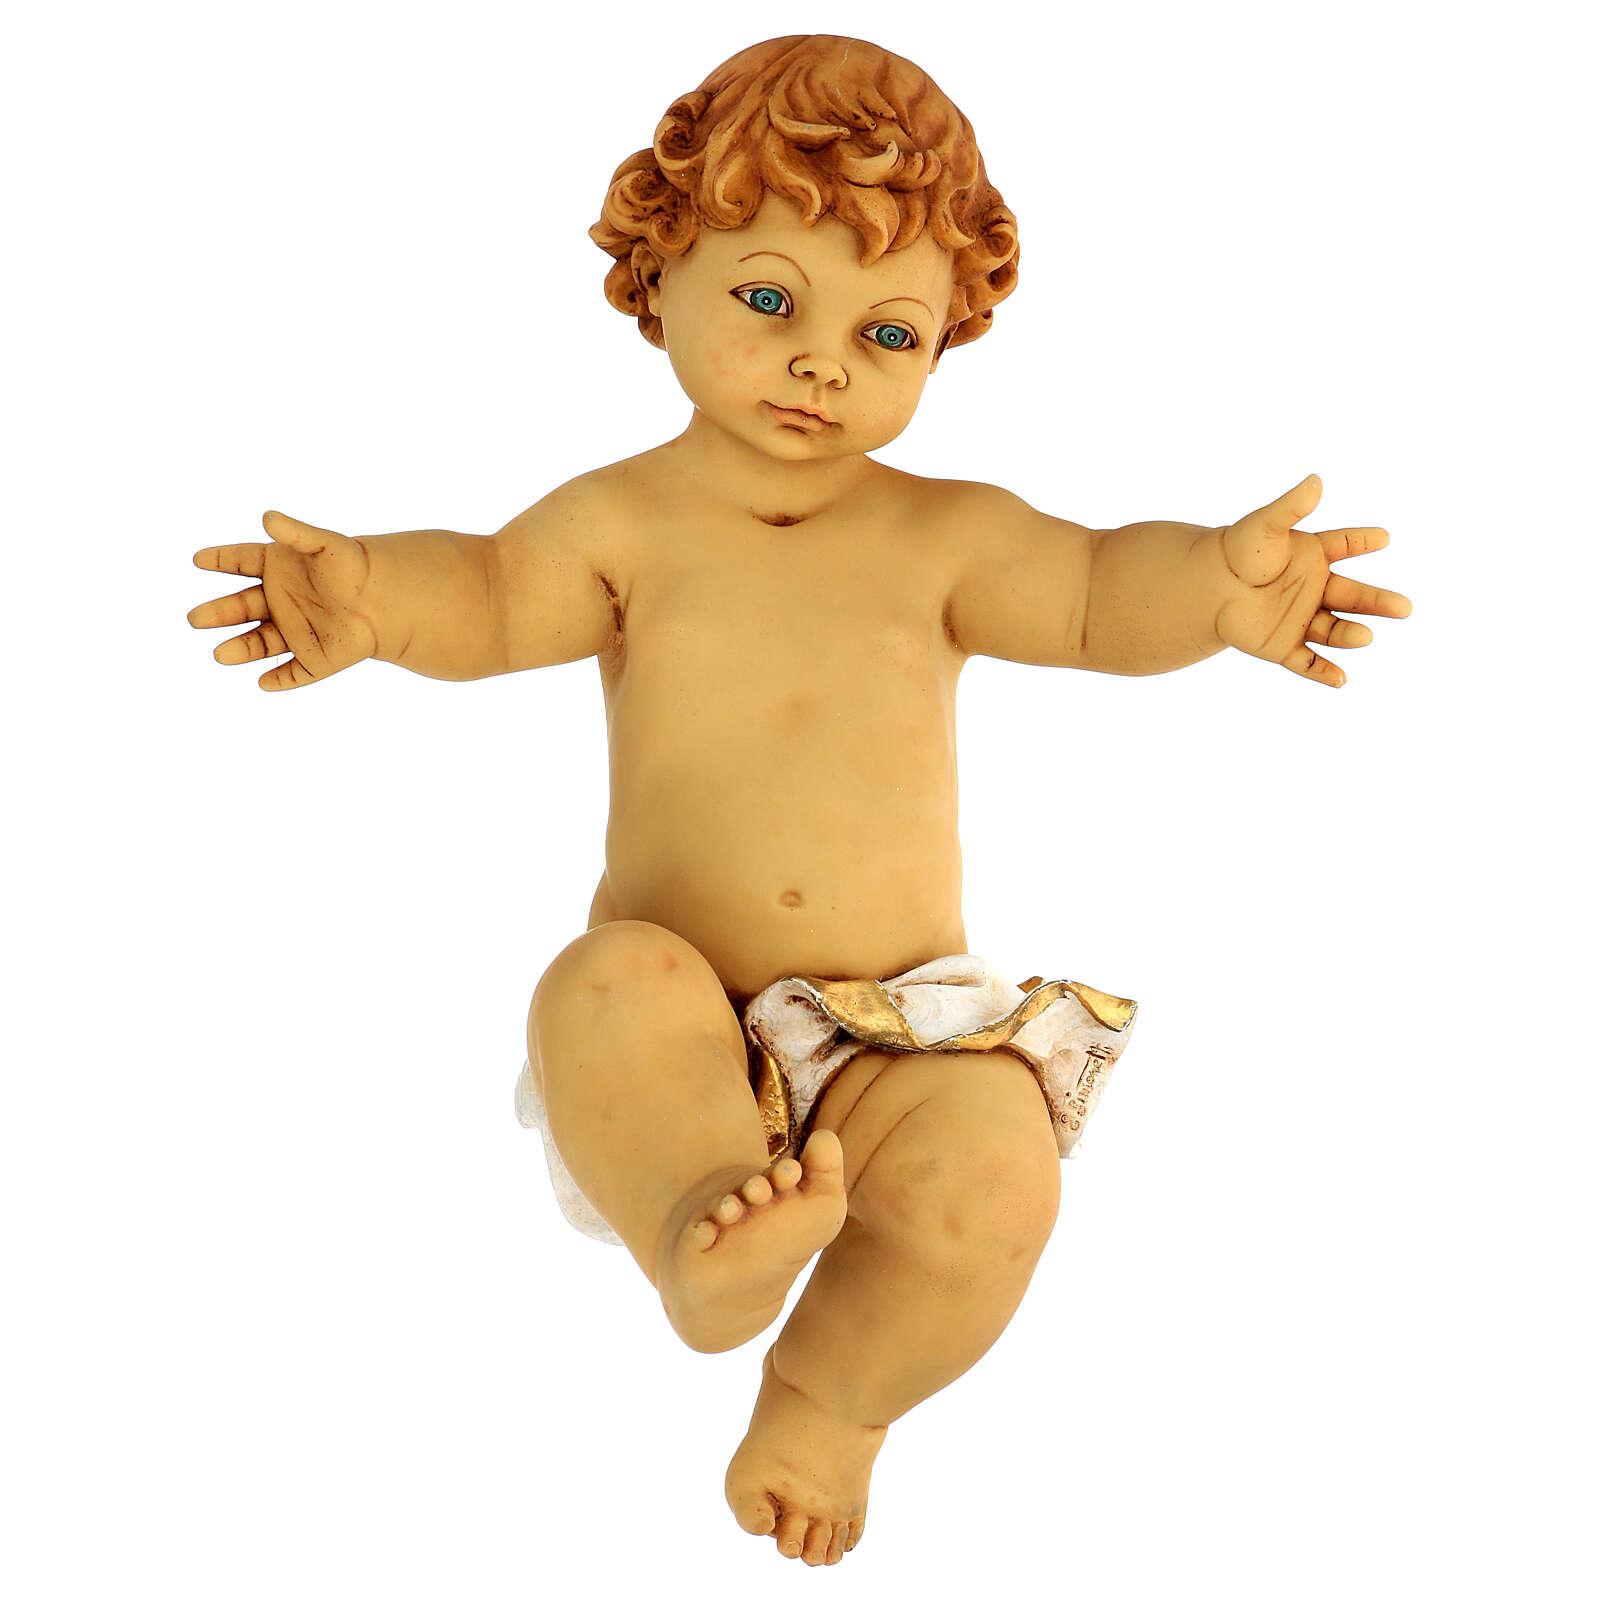 Gesù Bambino senza veste in resina presepe Fontanini 125 cm 4